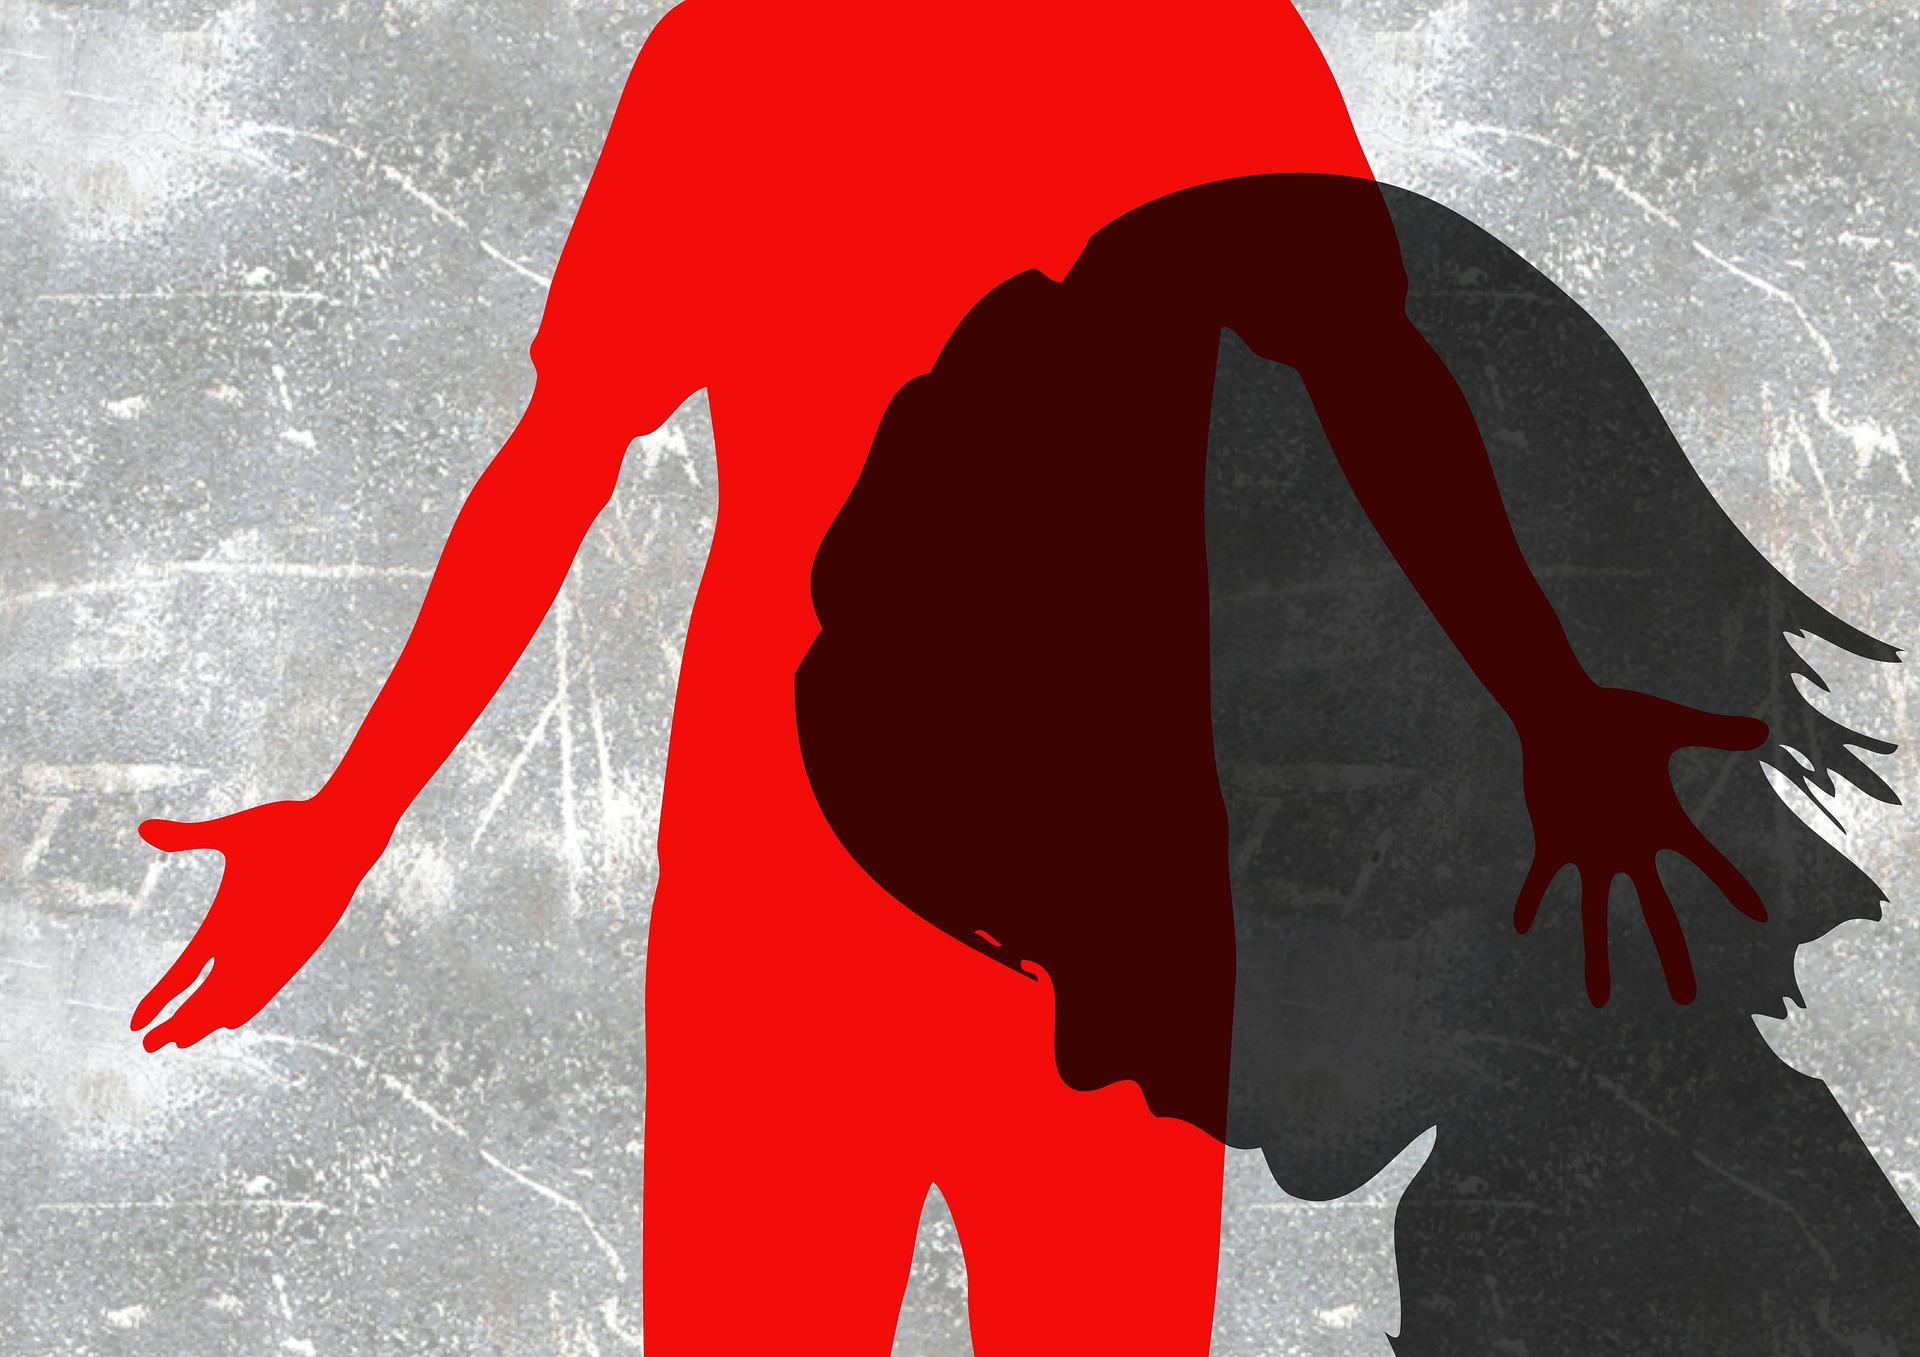 Takauma traumasta voi viedä takaisin seksuaaliväkivaltatilanteeseen.